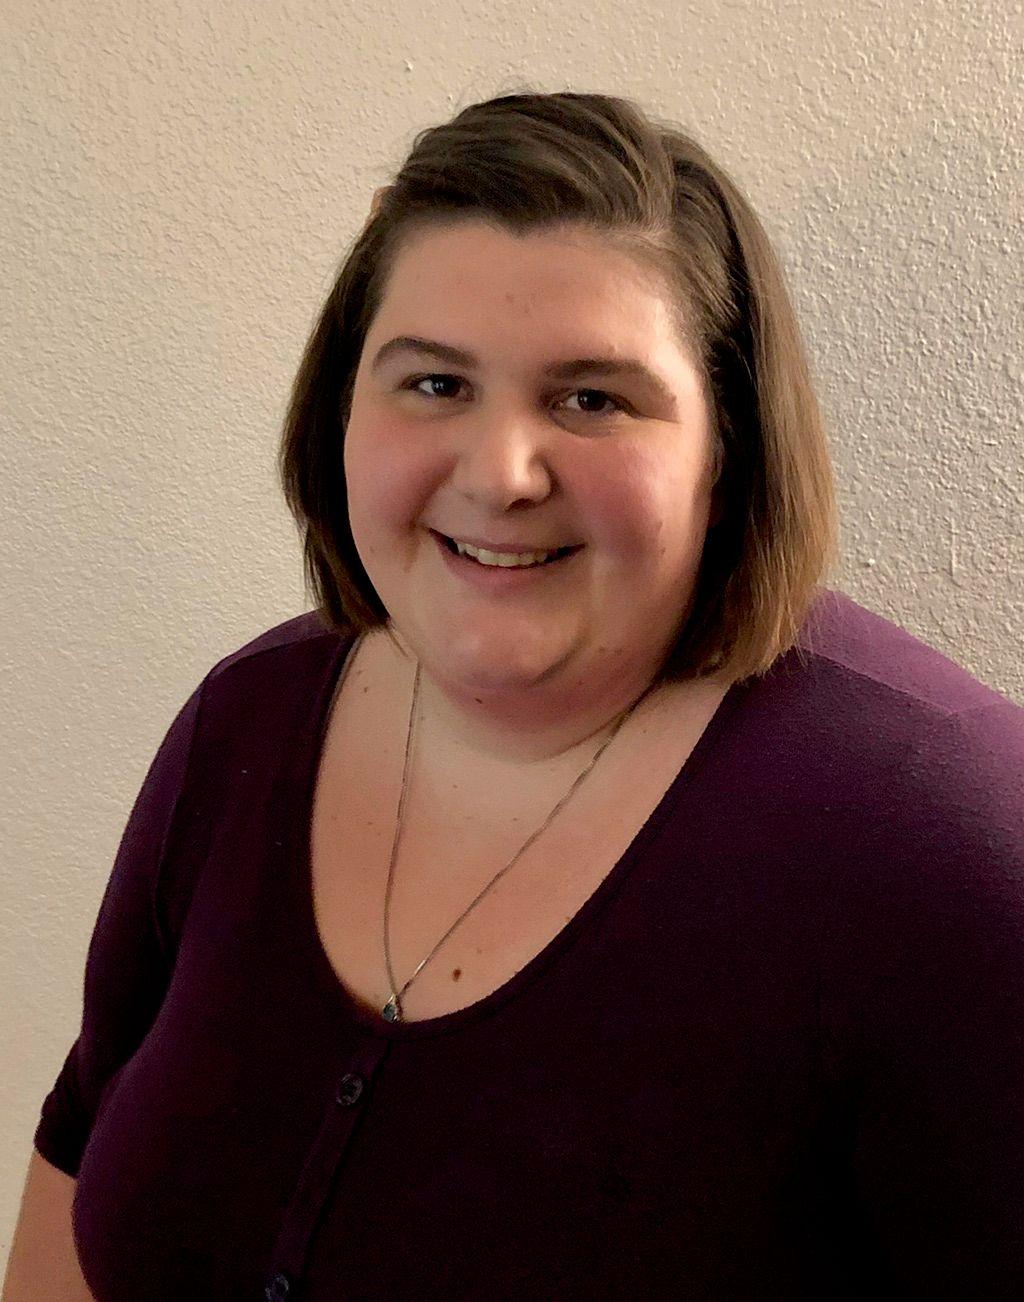 Alyssa VanCleve Officiant